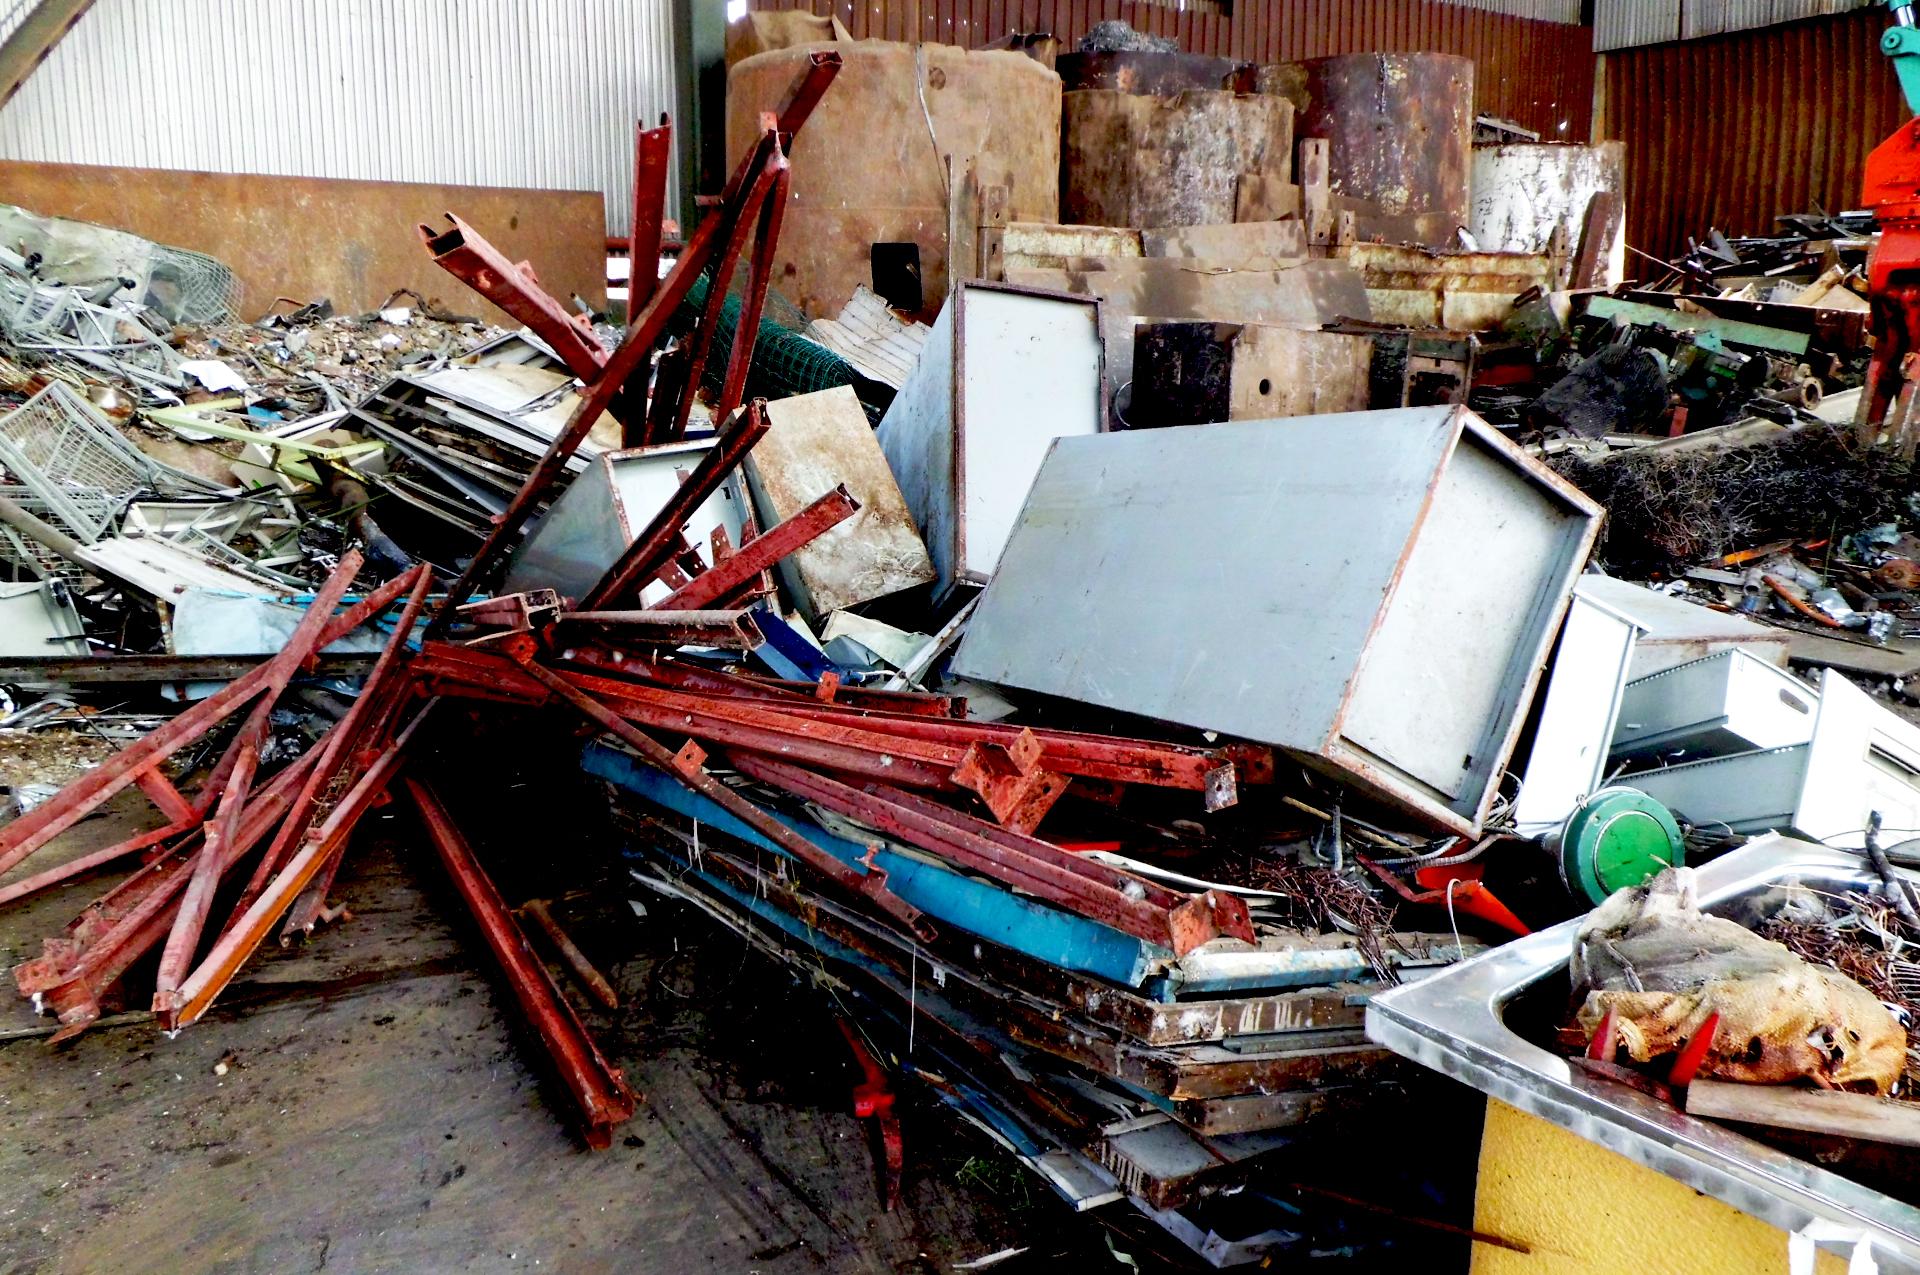 建物の解体工事や解体後の廃棄物の片付け